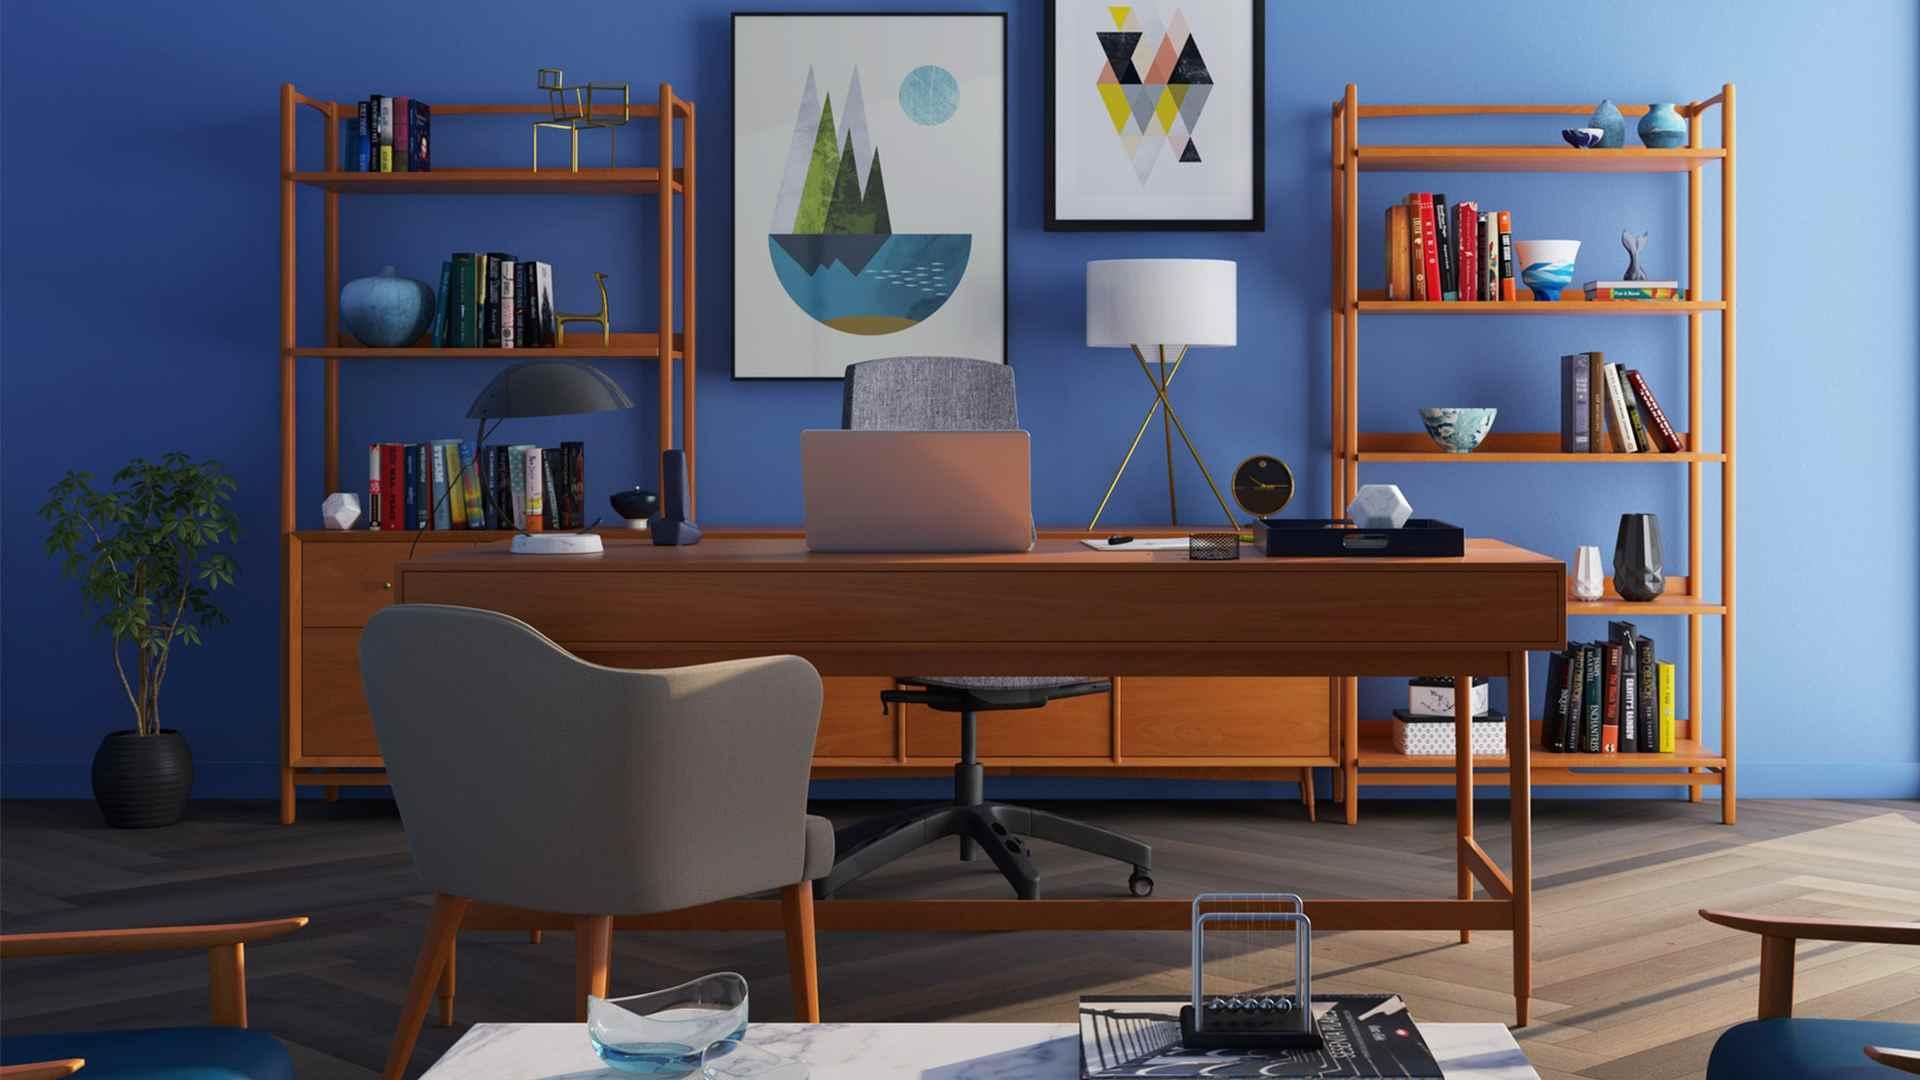 Home Office: cómo crear tu propia oficina en tu departamento